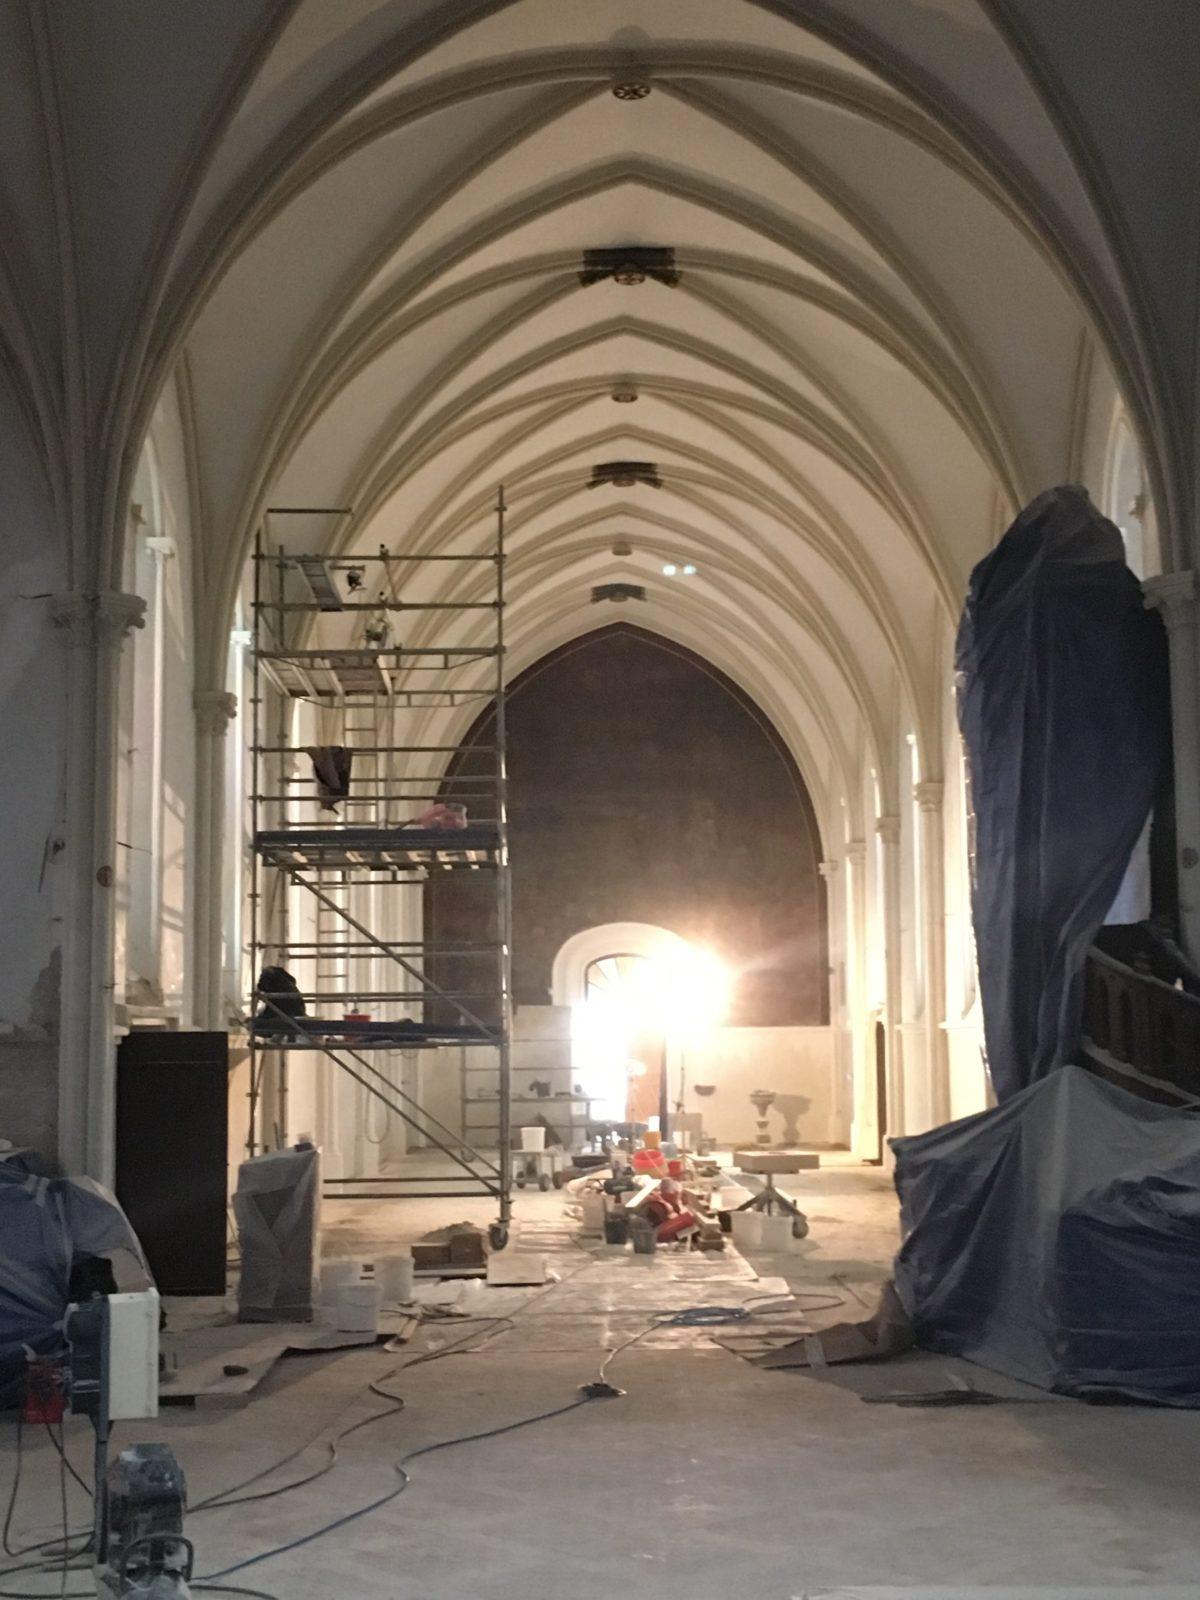 Nef en chantier - Restauration de toile marouflée - Église Saint Vigor